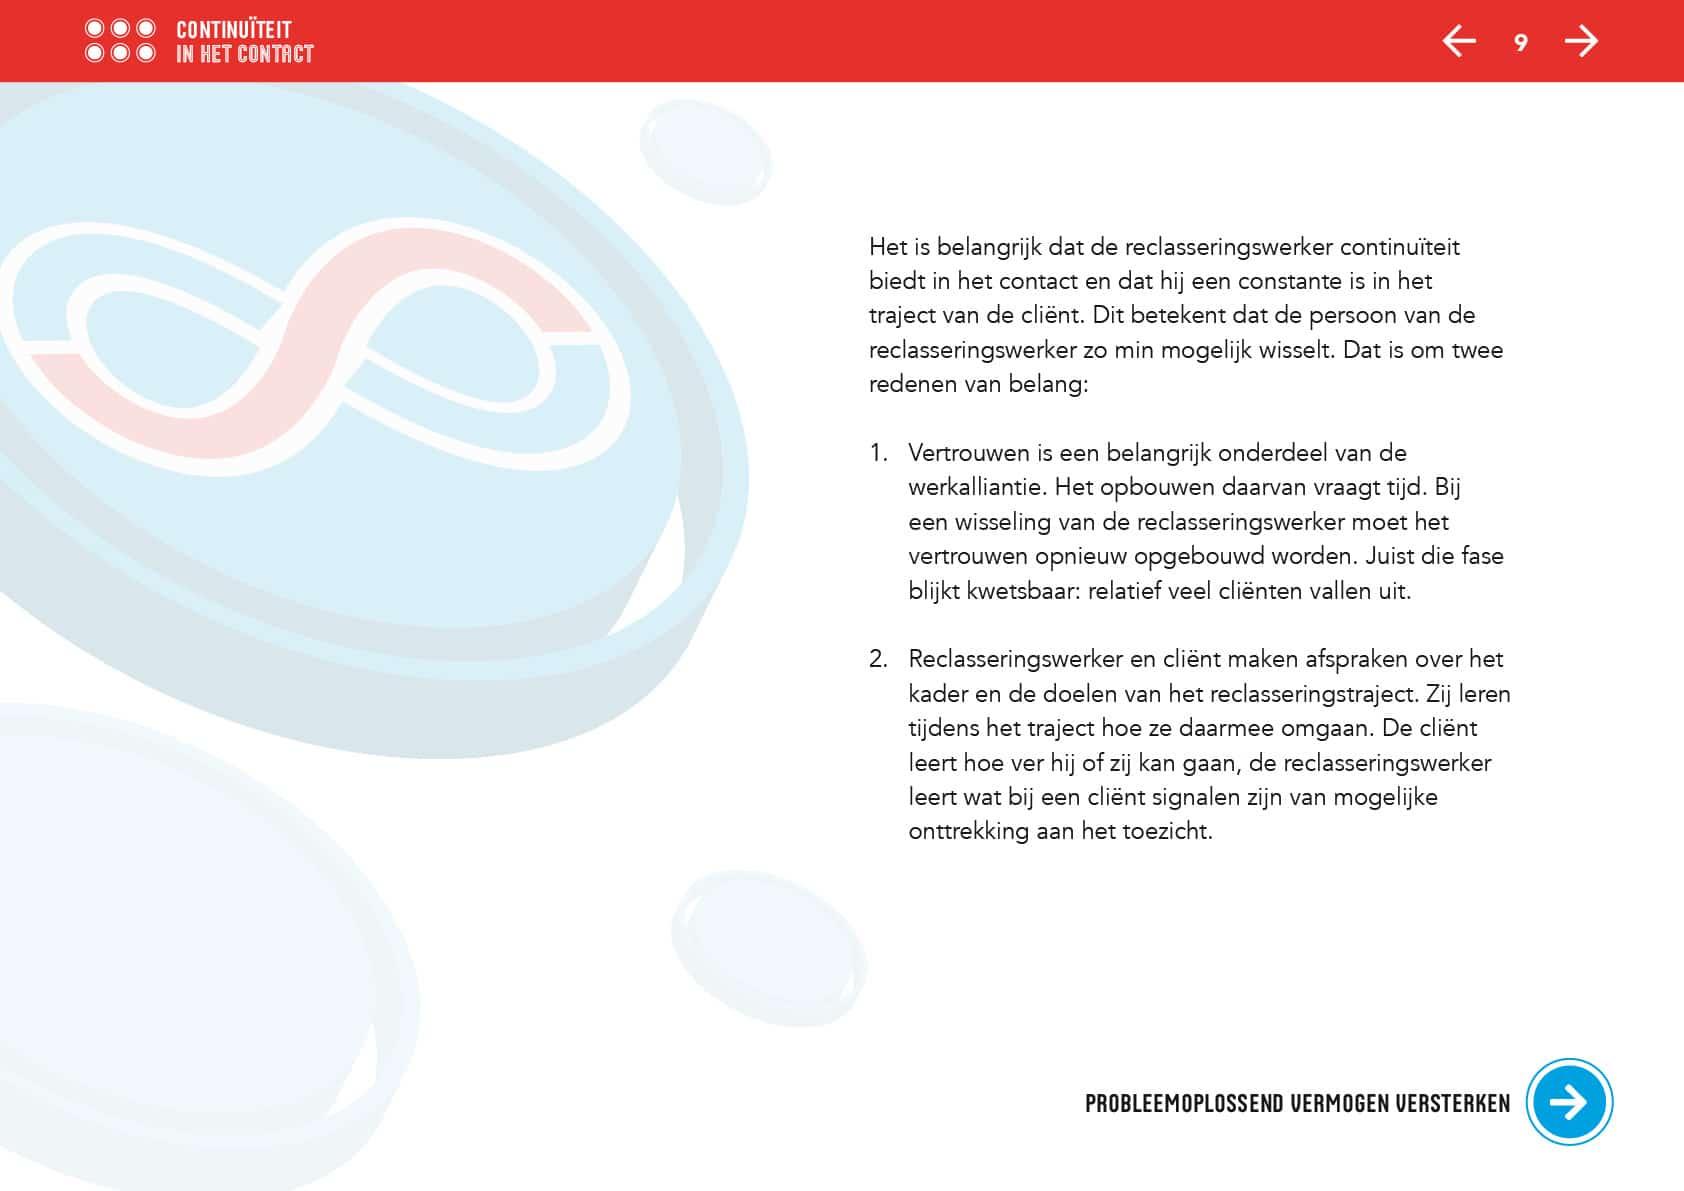 iPDF Effectief werken aan de afbouw van delinquent gedrag_Continuiteit in het contact vervolg _studiosnh grafisch ontwerp